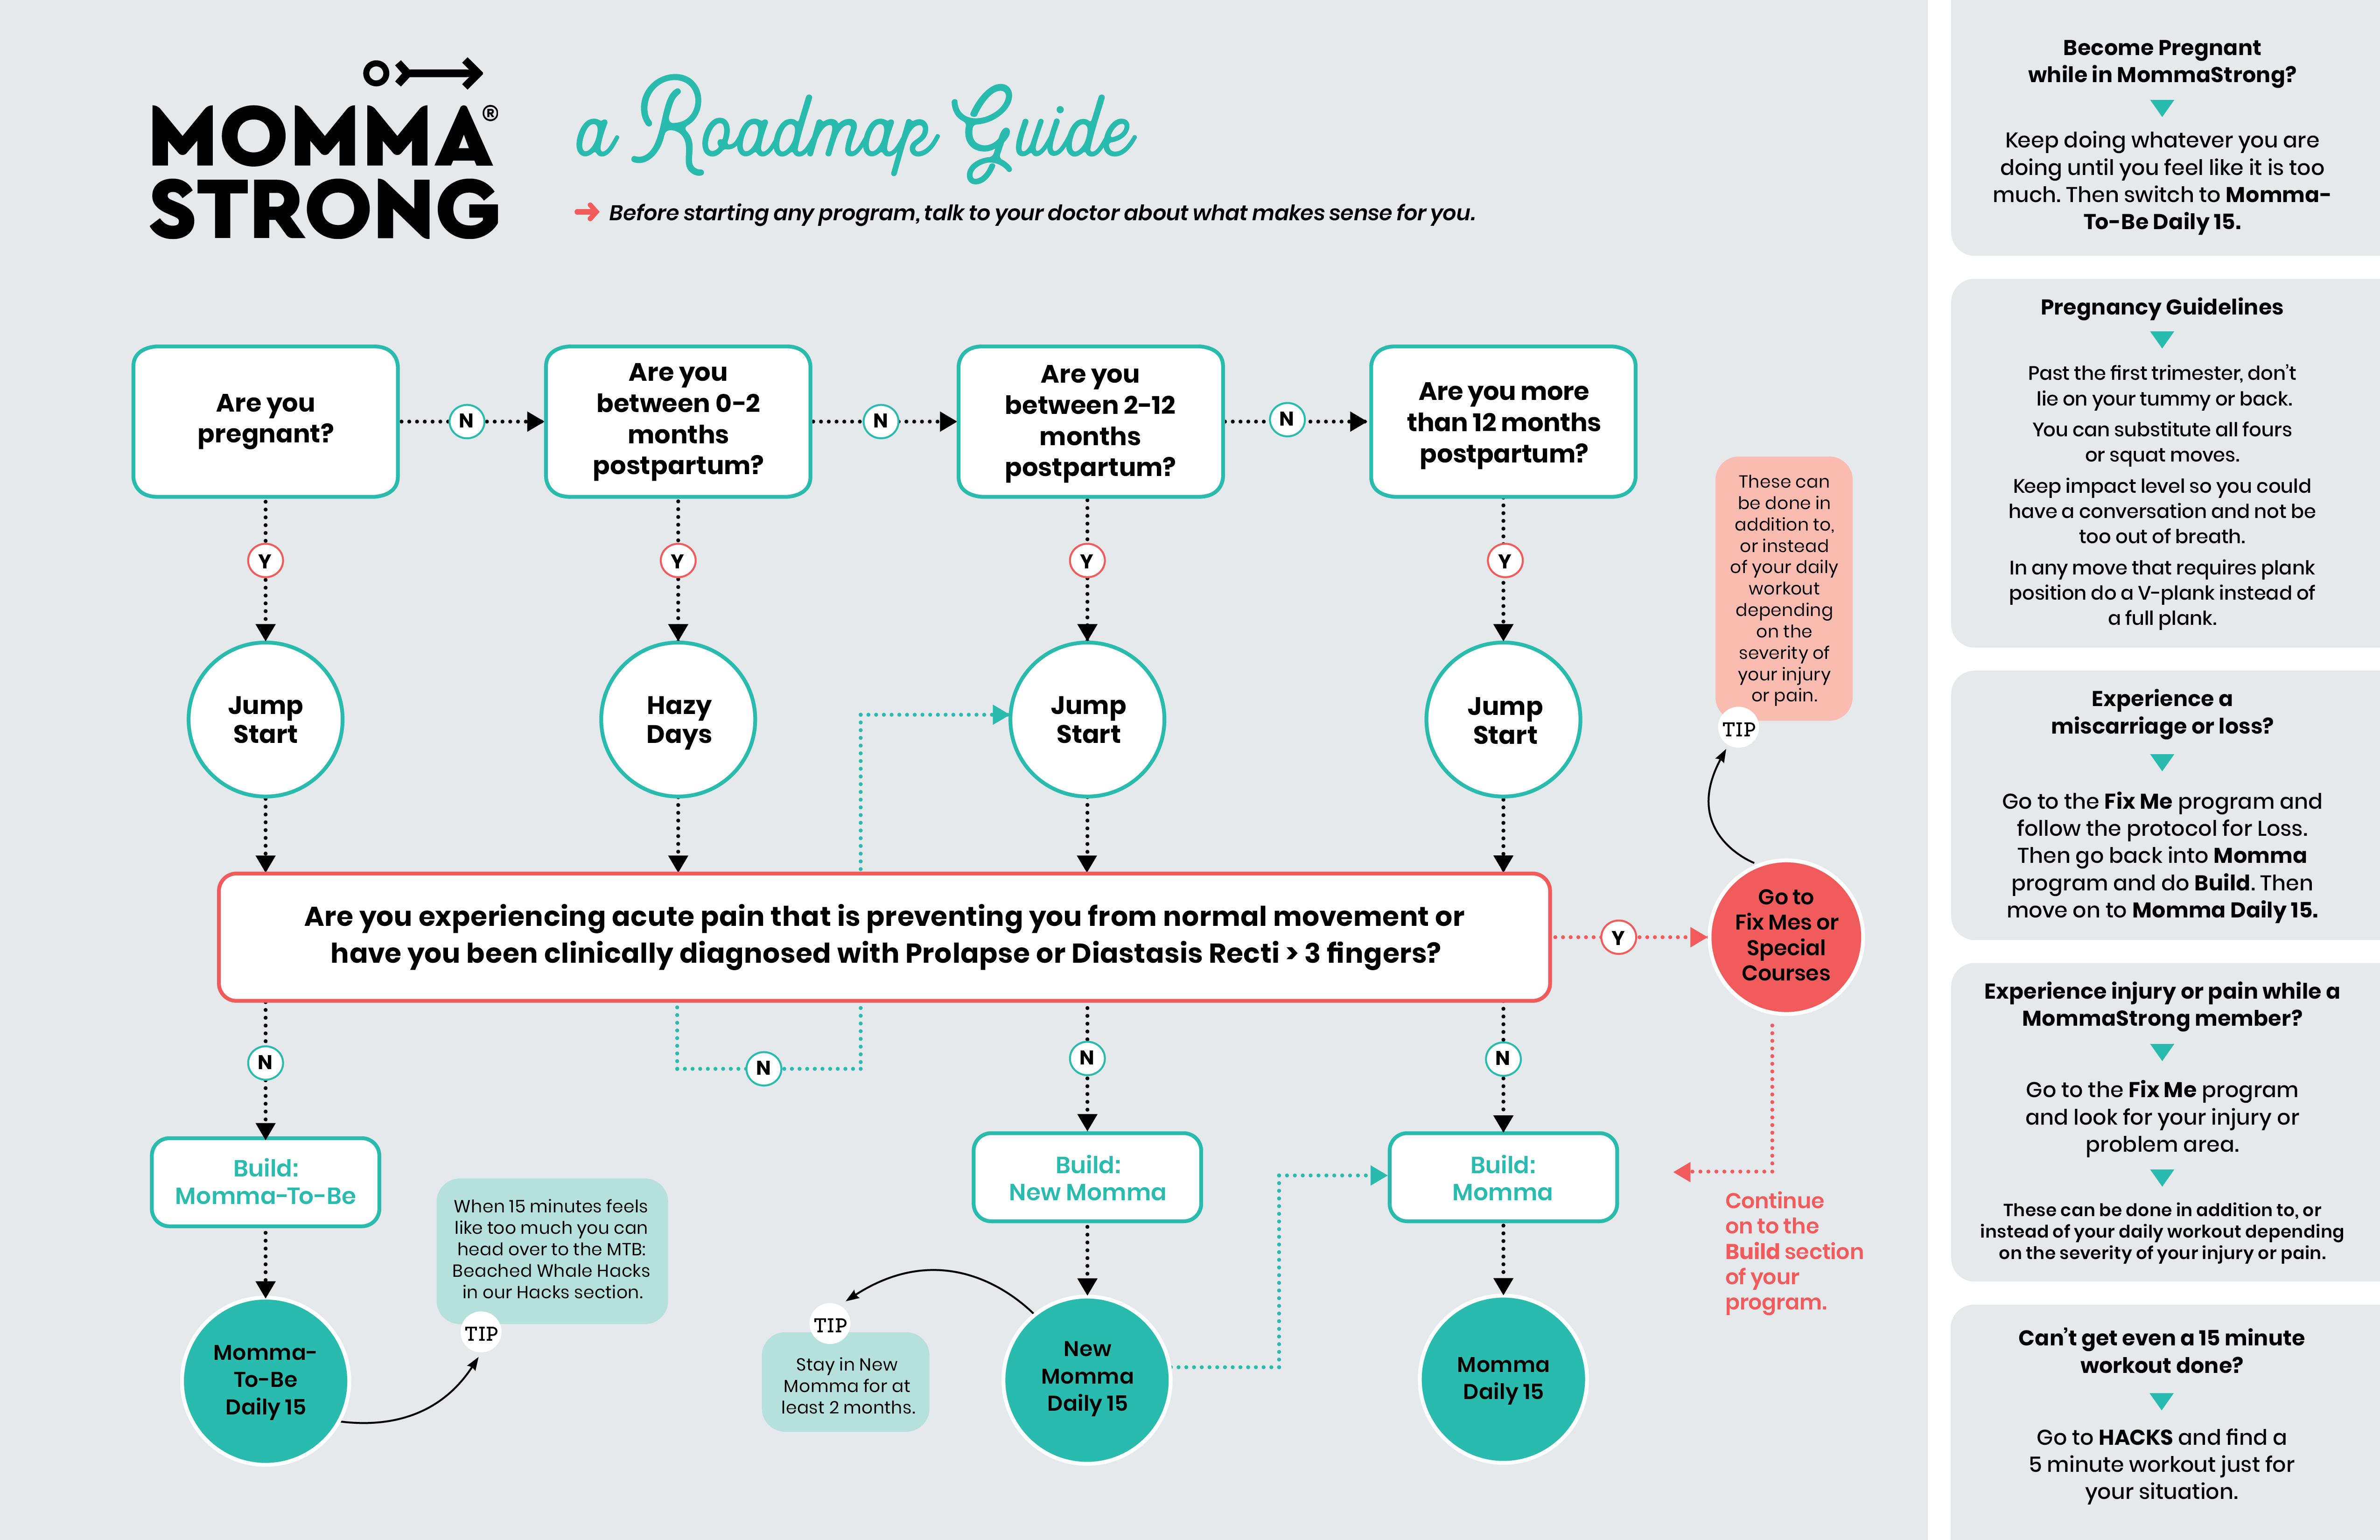 Roadmap of MommaStrong's program